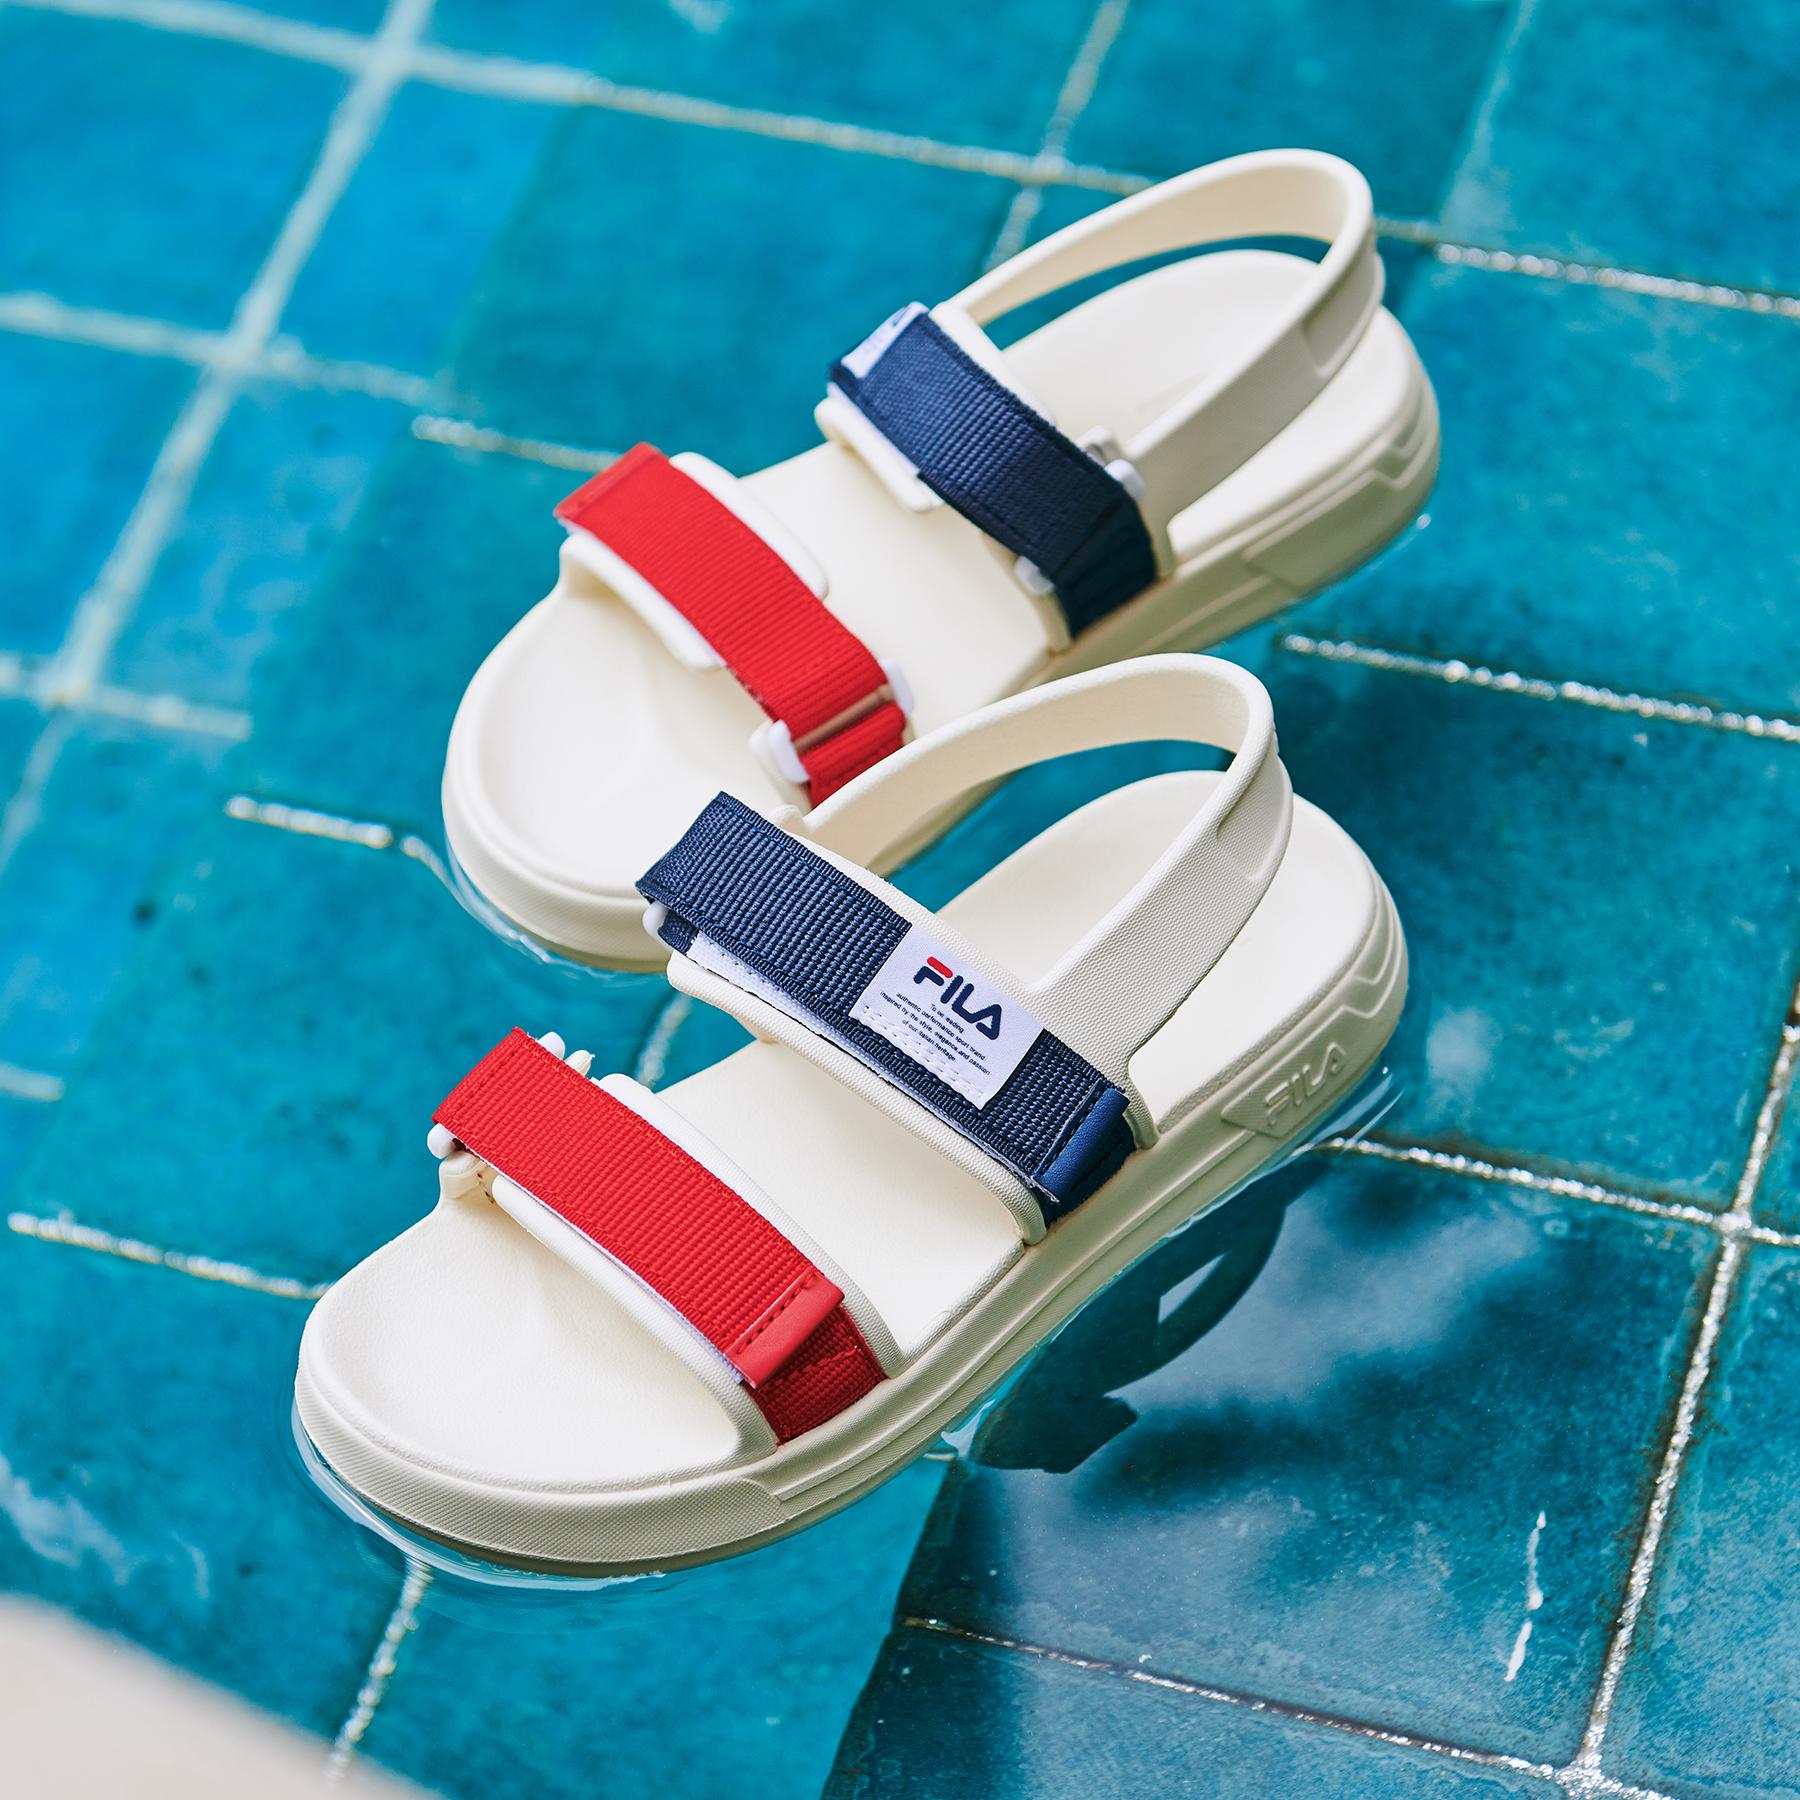 韓國FILA SUFFY SANDAL 男/女裝涼鞋 (紅藍色)